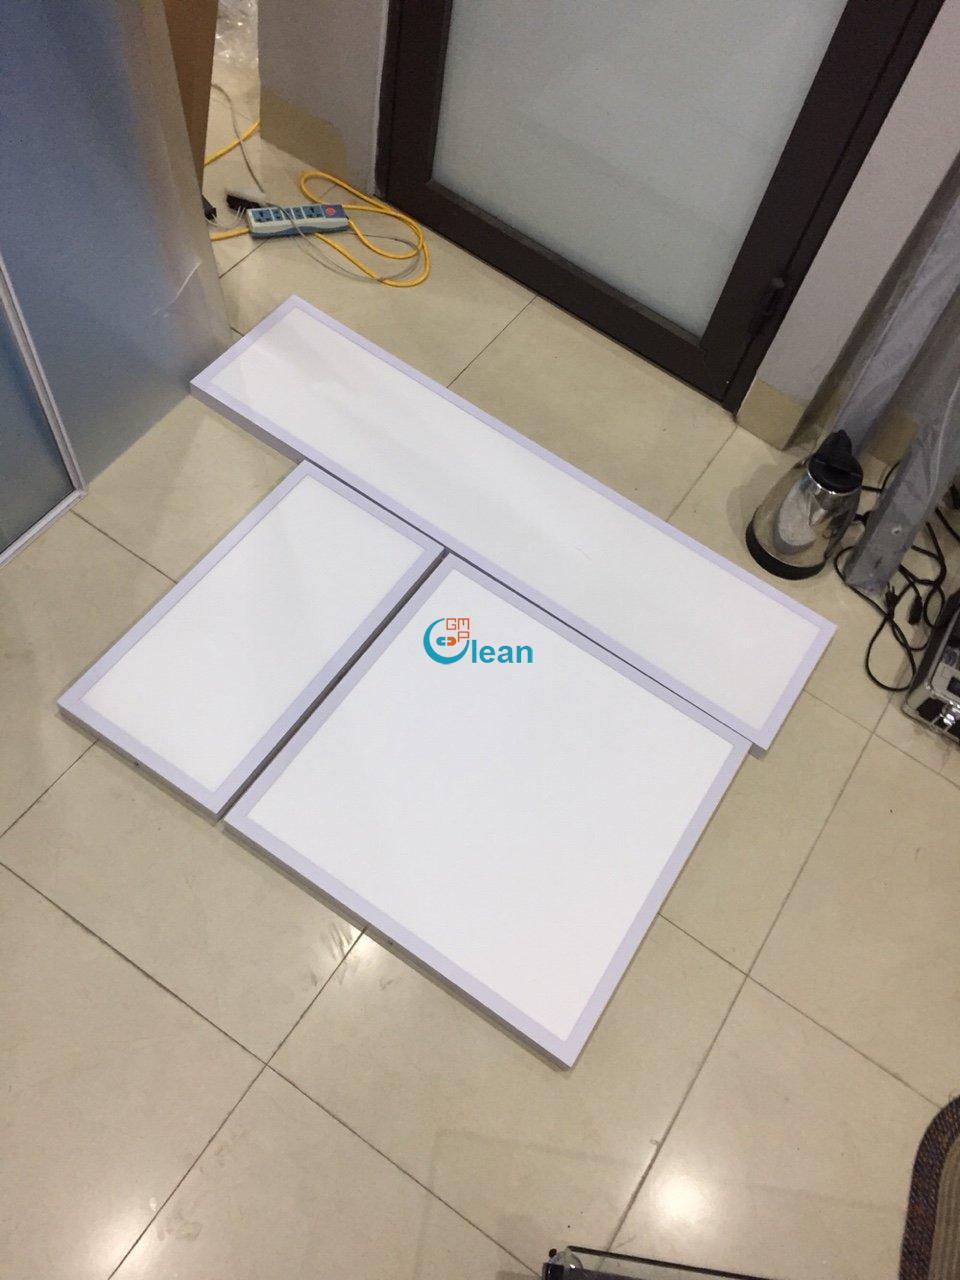 Đèn Panel chuyên dụng cho phòng sạch - Đèn ốp nổi 600x1200